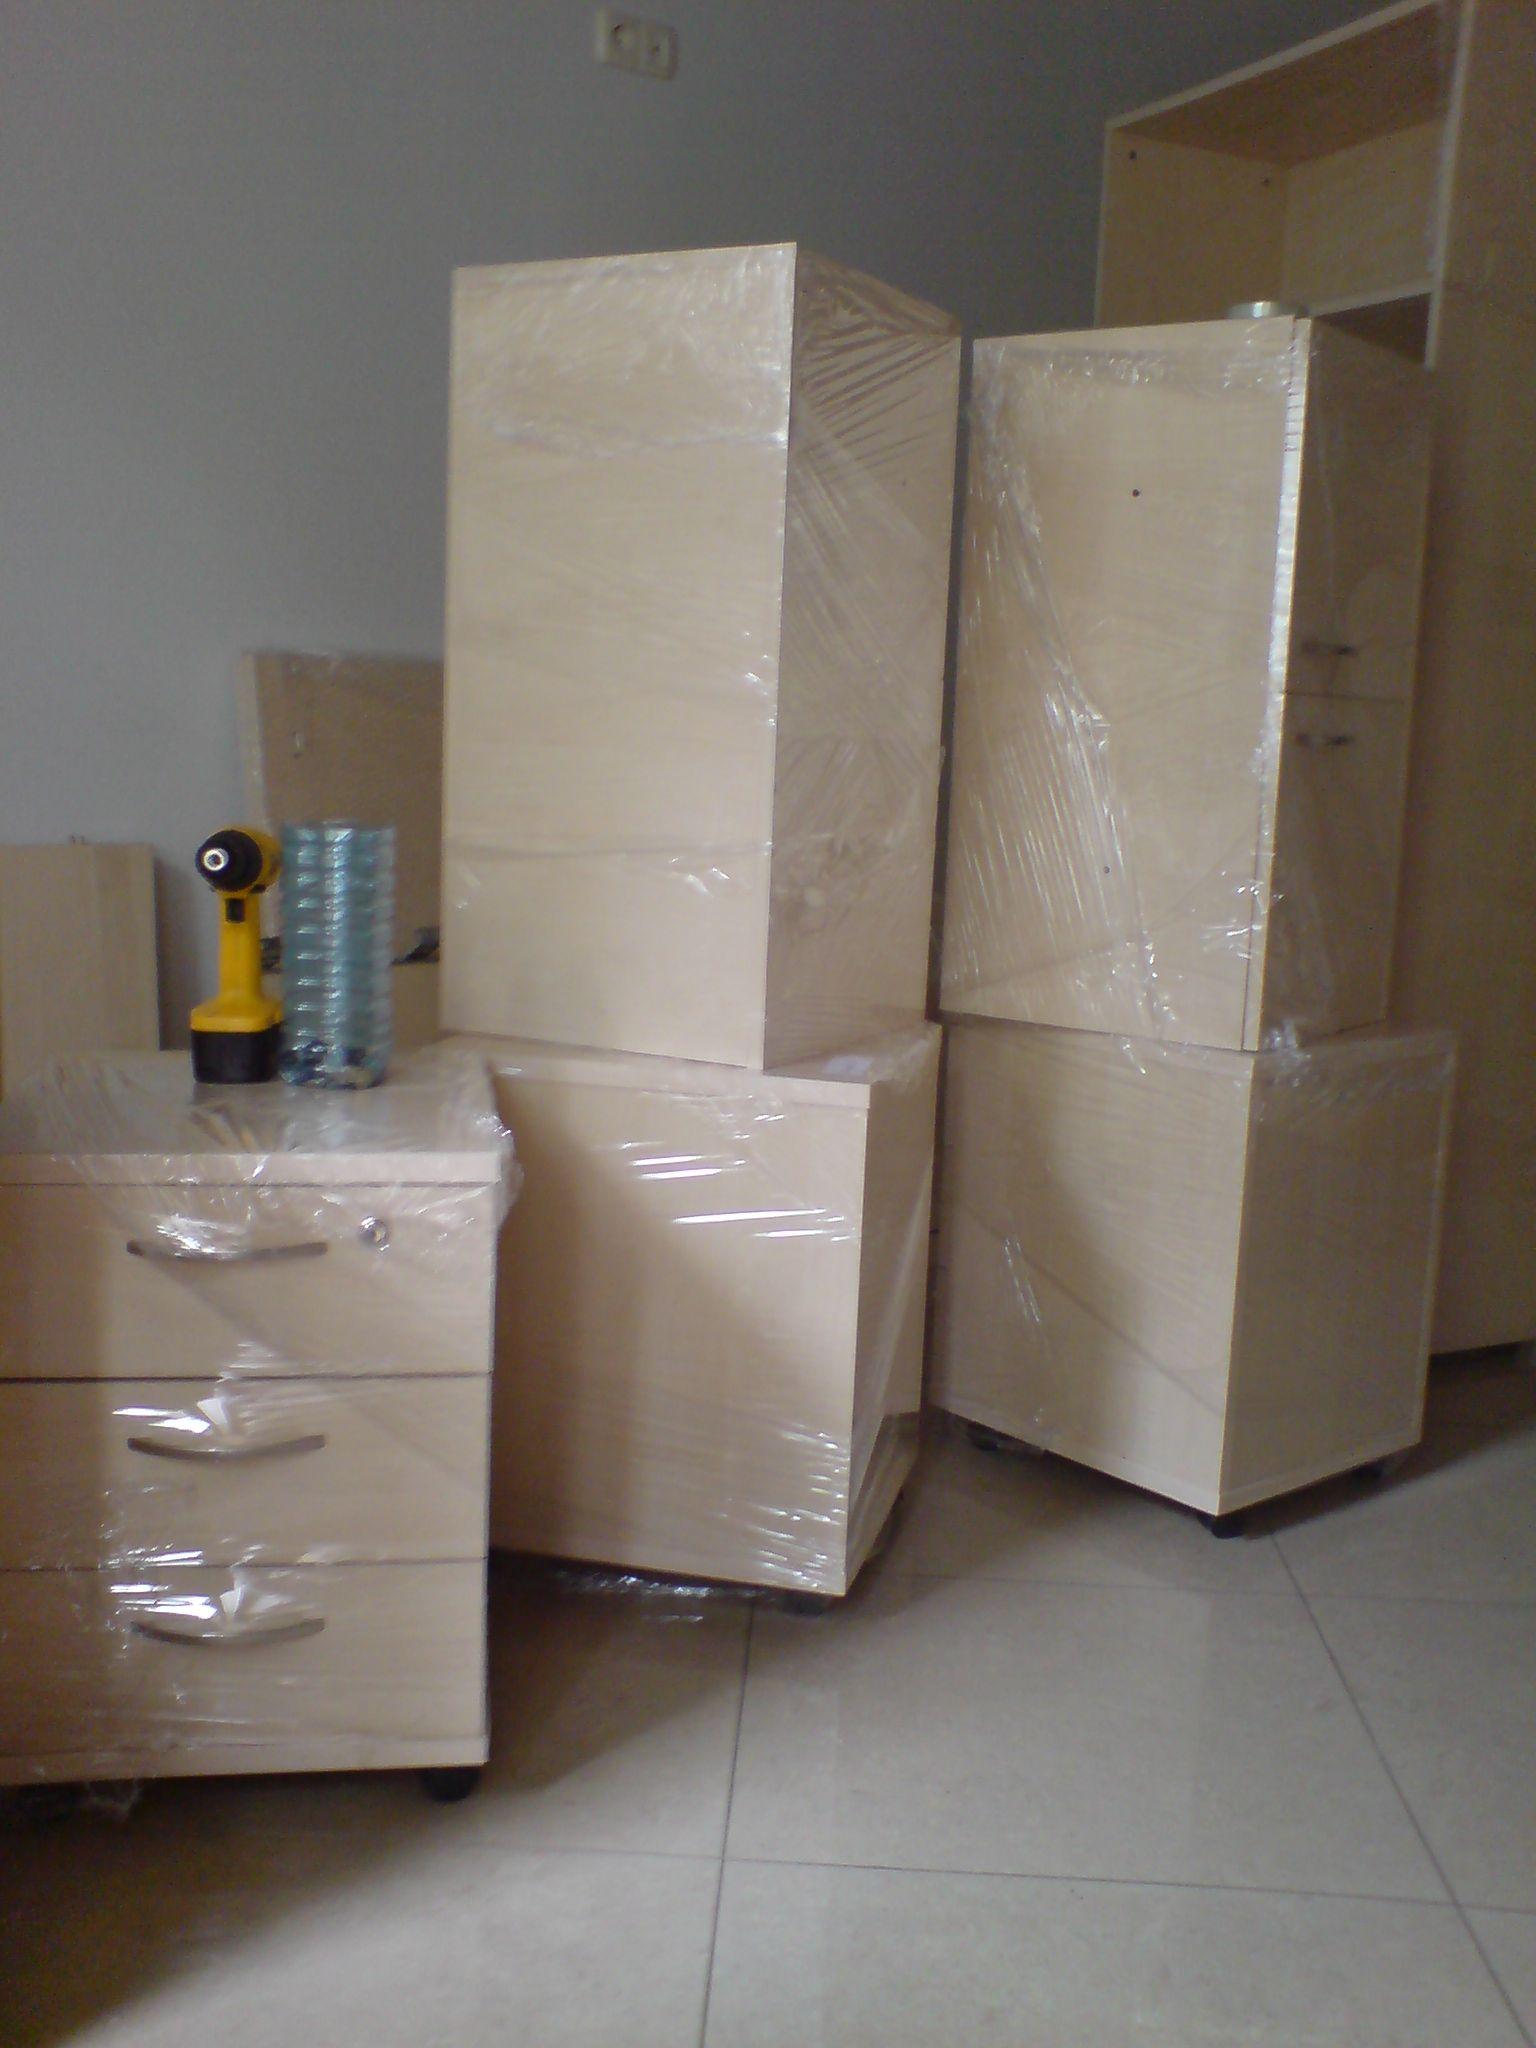 Фото Переезды квартир, офисов, доставка бытовой техники, мебели  4